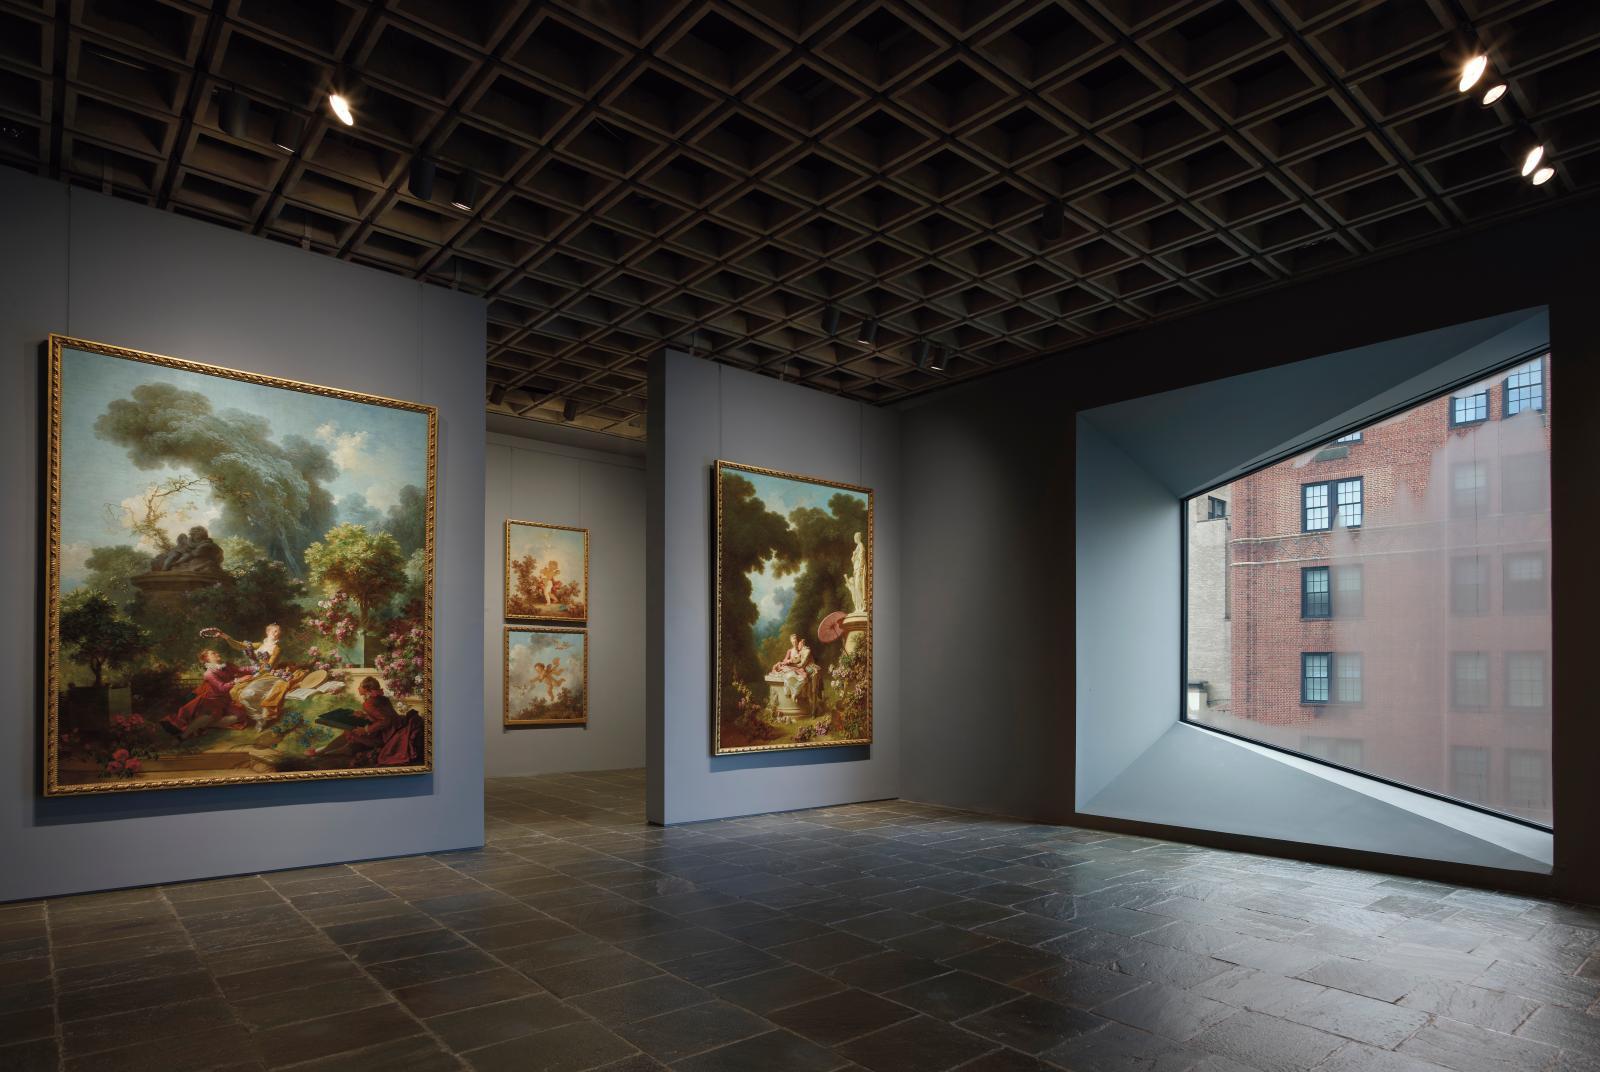 Le nouvel accrochage des Progrès de l'amour de Fragonard dans le bâtiment de Breuer. © Joe Coscia